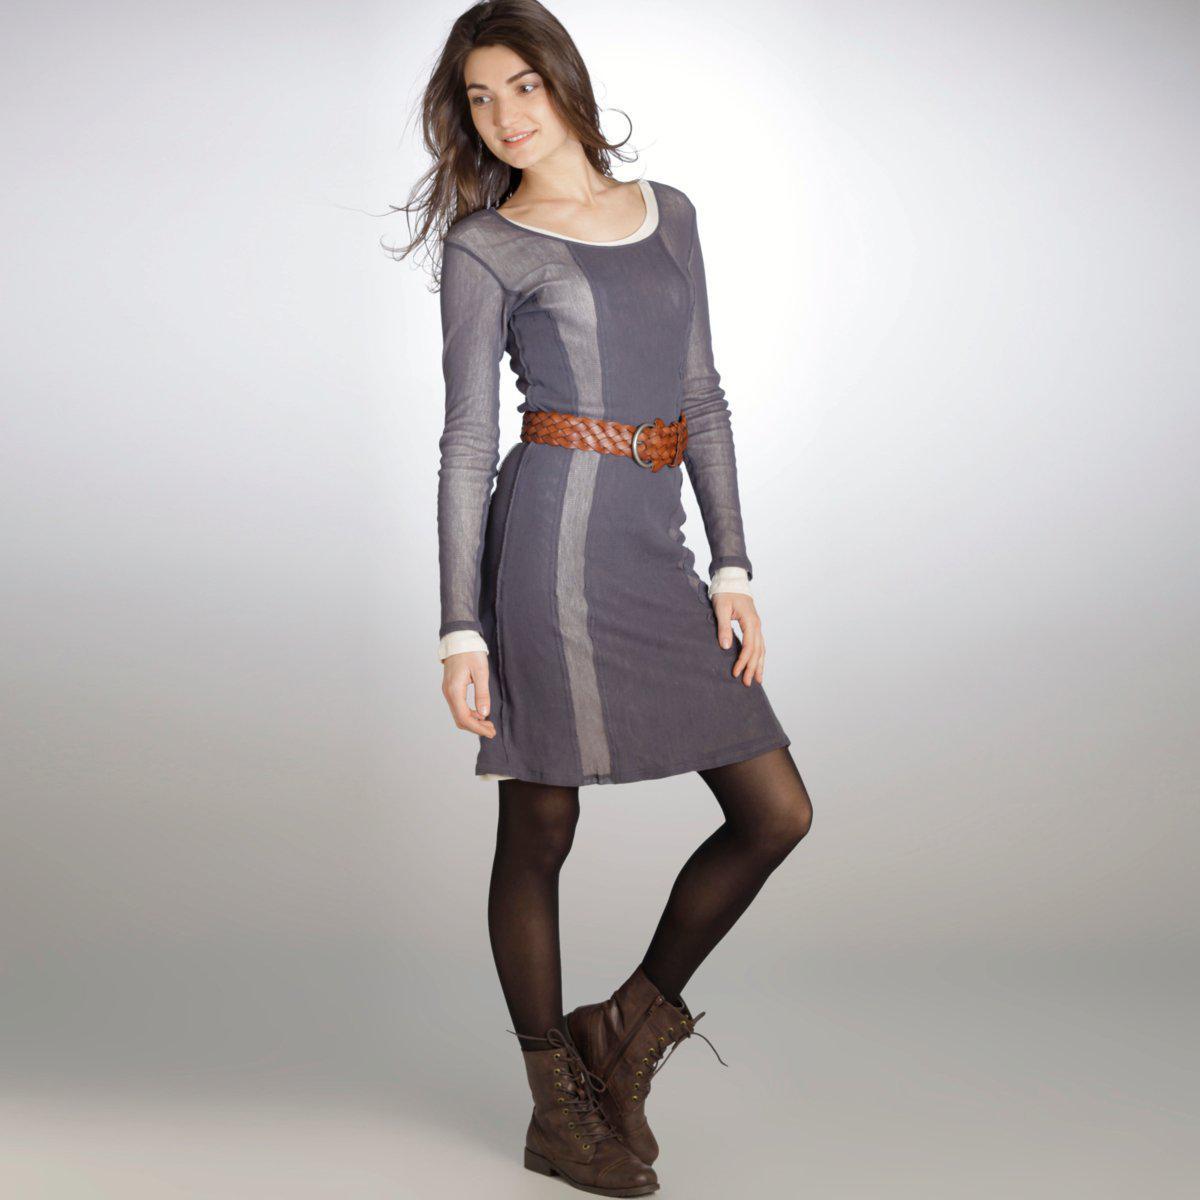 Βραδυνα Φορεματα LaRedoute Χειμώνας 2012 Κωδ. 324206755 f0dae2258cd